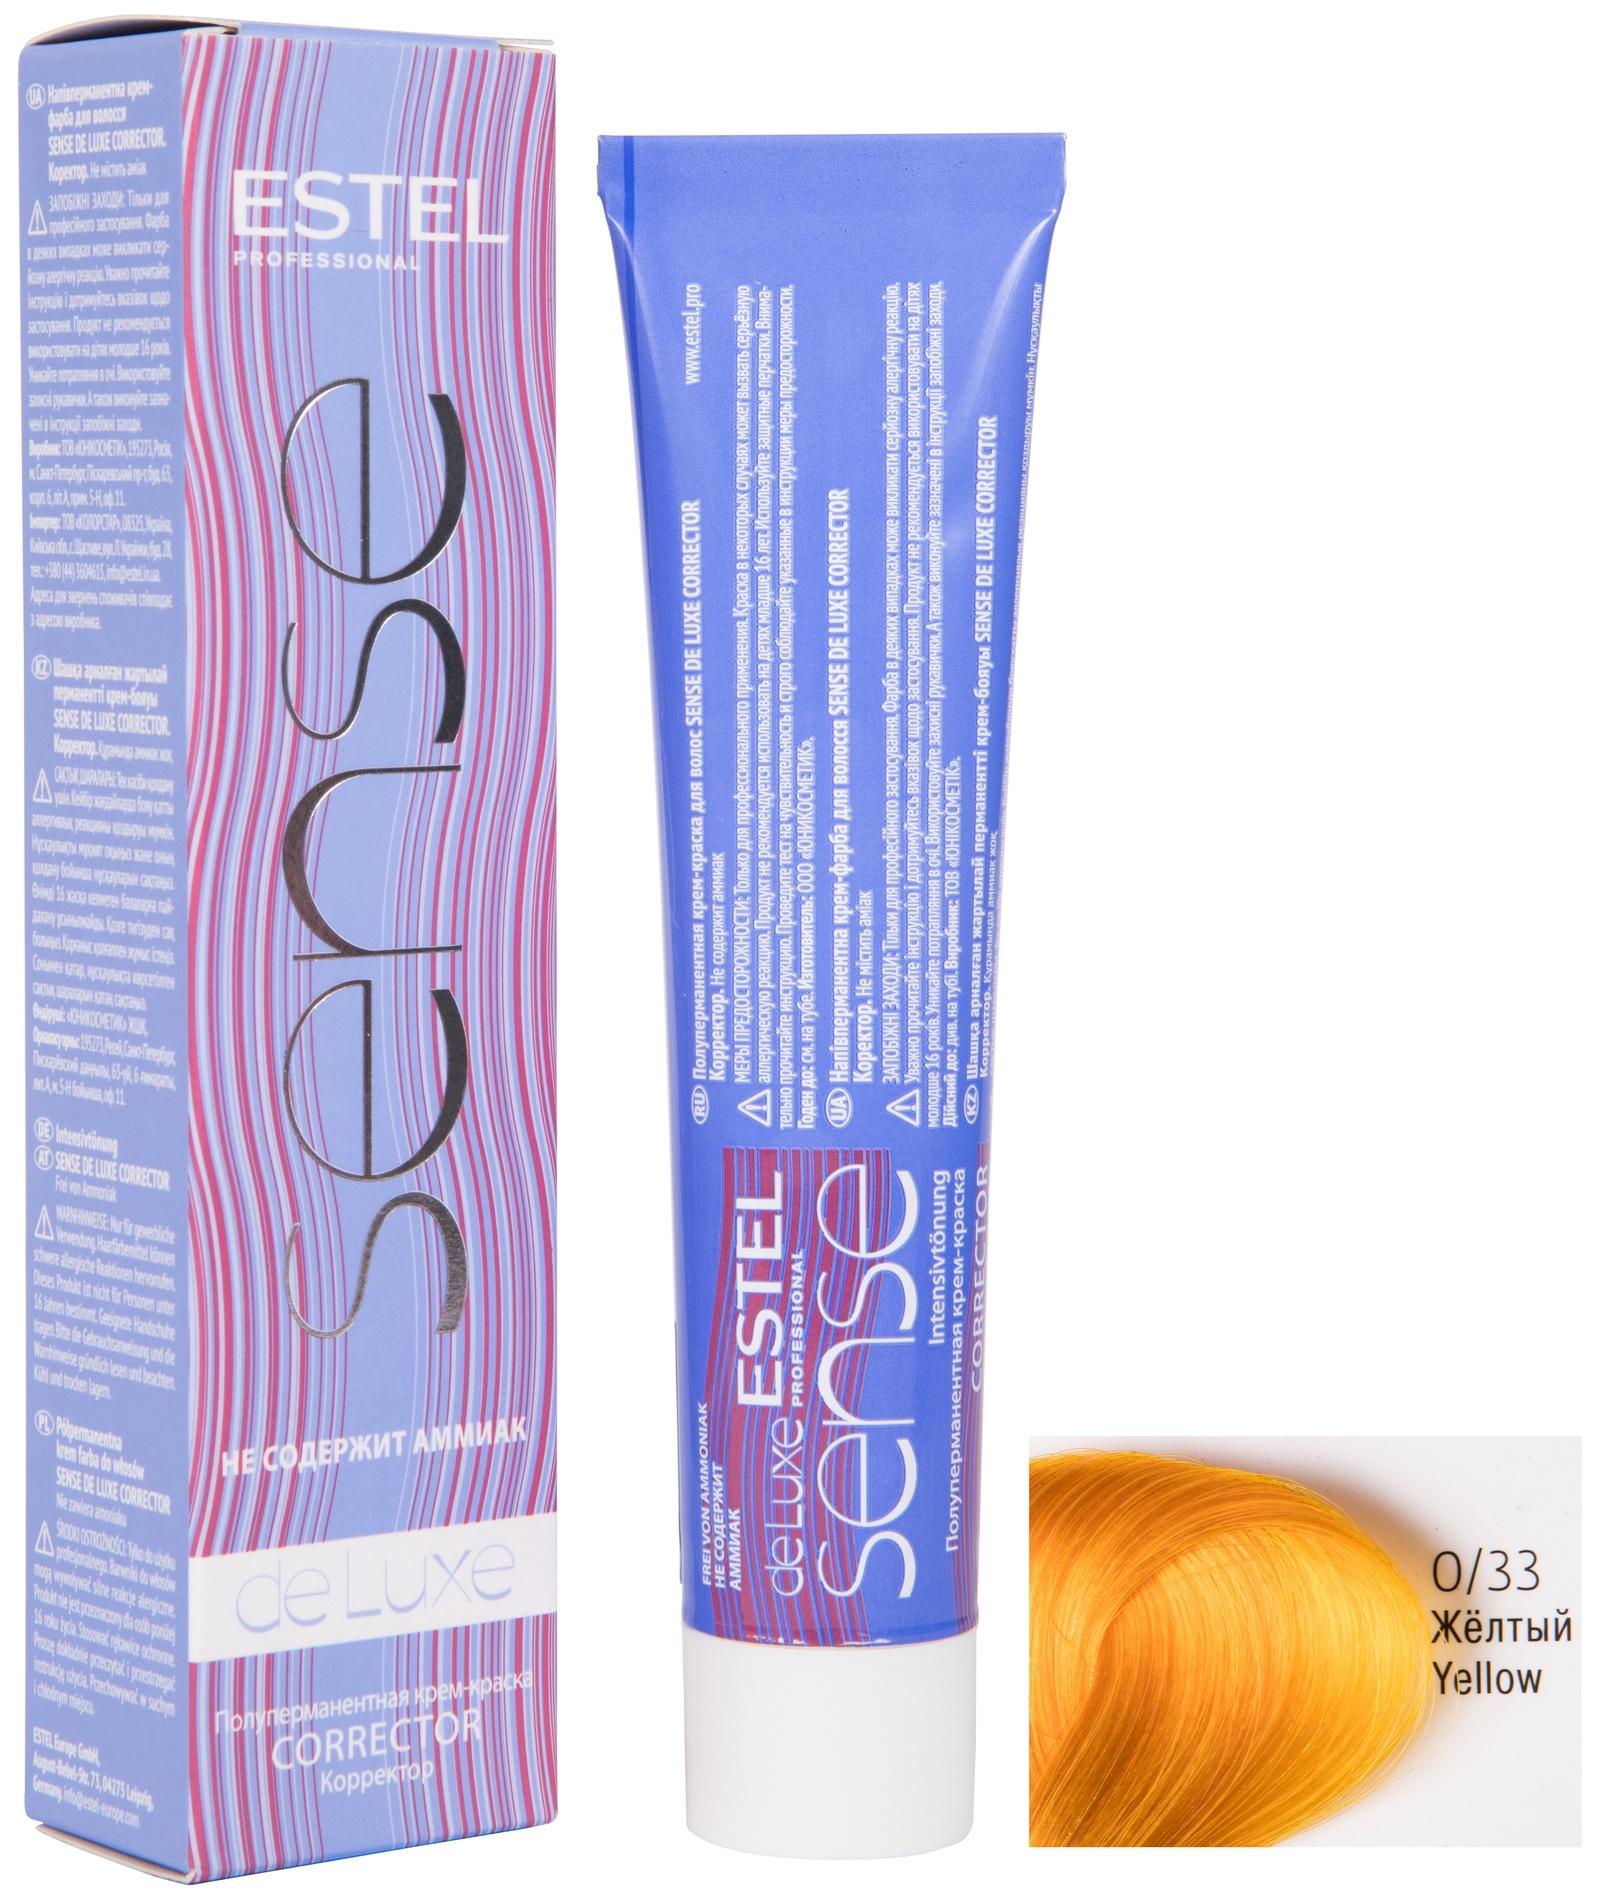 Краска для волос ESTEL PROFESSIONAL 0/33 крем-краска SENSE DE LUXE CORRECTOR для окрашивания волос, желтый 60 мл estel краска для волос de luxe corrector 0 00а аммиачный correct 60 мл